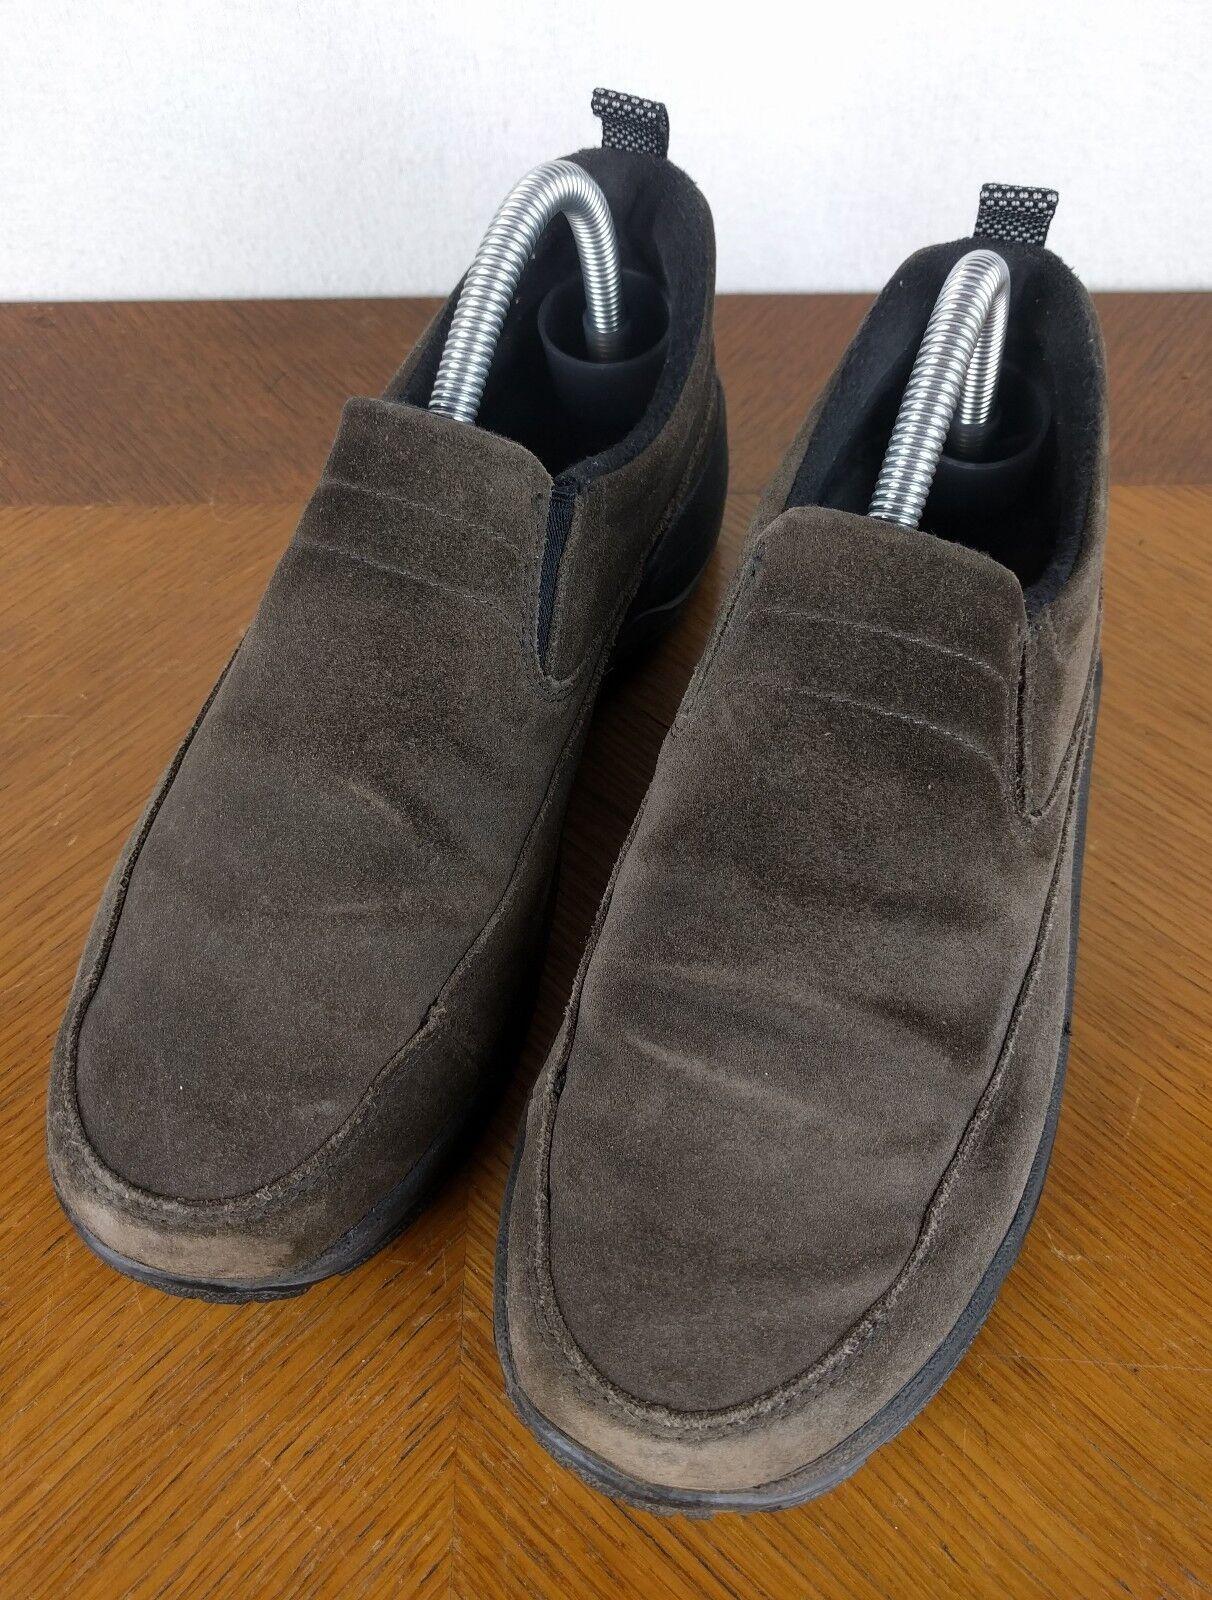 Ll Bean Marrón Marrón Marrón Sin Cordones botas Zapatos Para Mujer Al Tobillo Talla 7.5 M Pato Caminar Senderismo  ordene ahora los precios más bajos